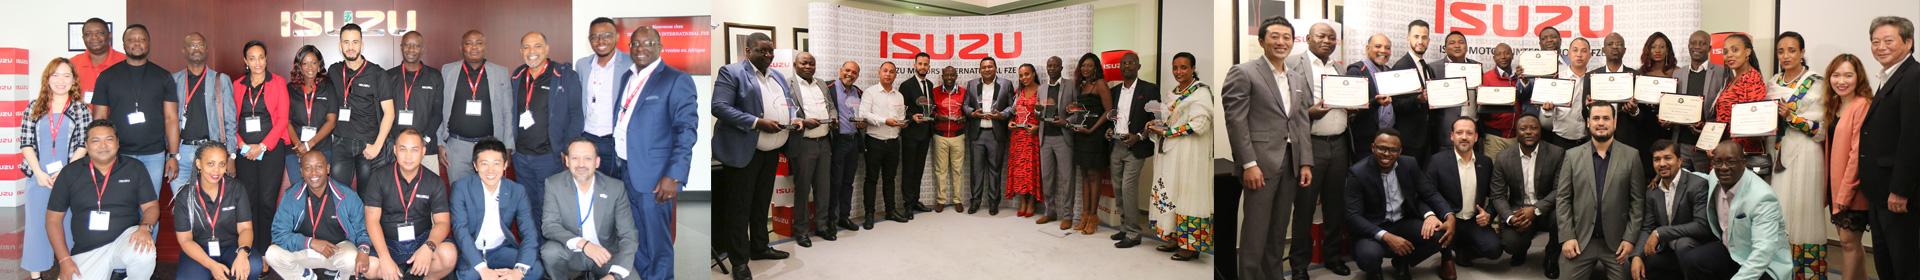 Isuzu Sales Challenge Africa banner